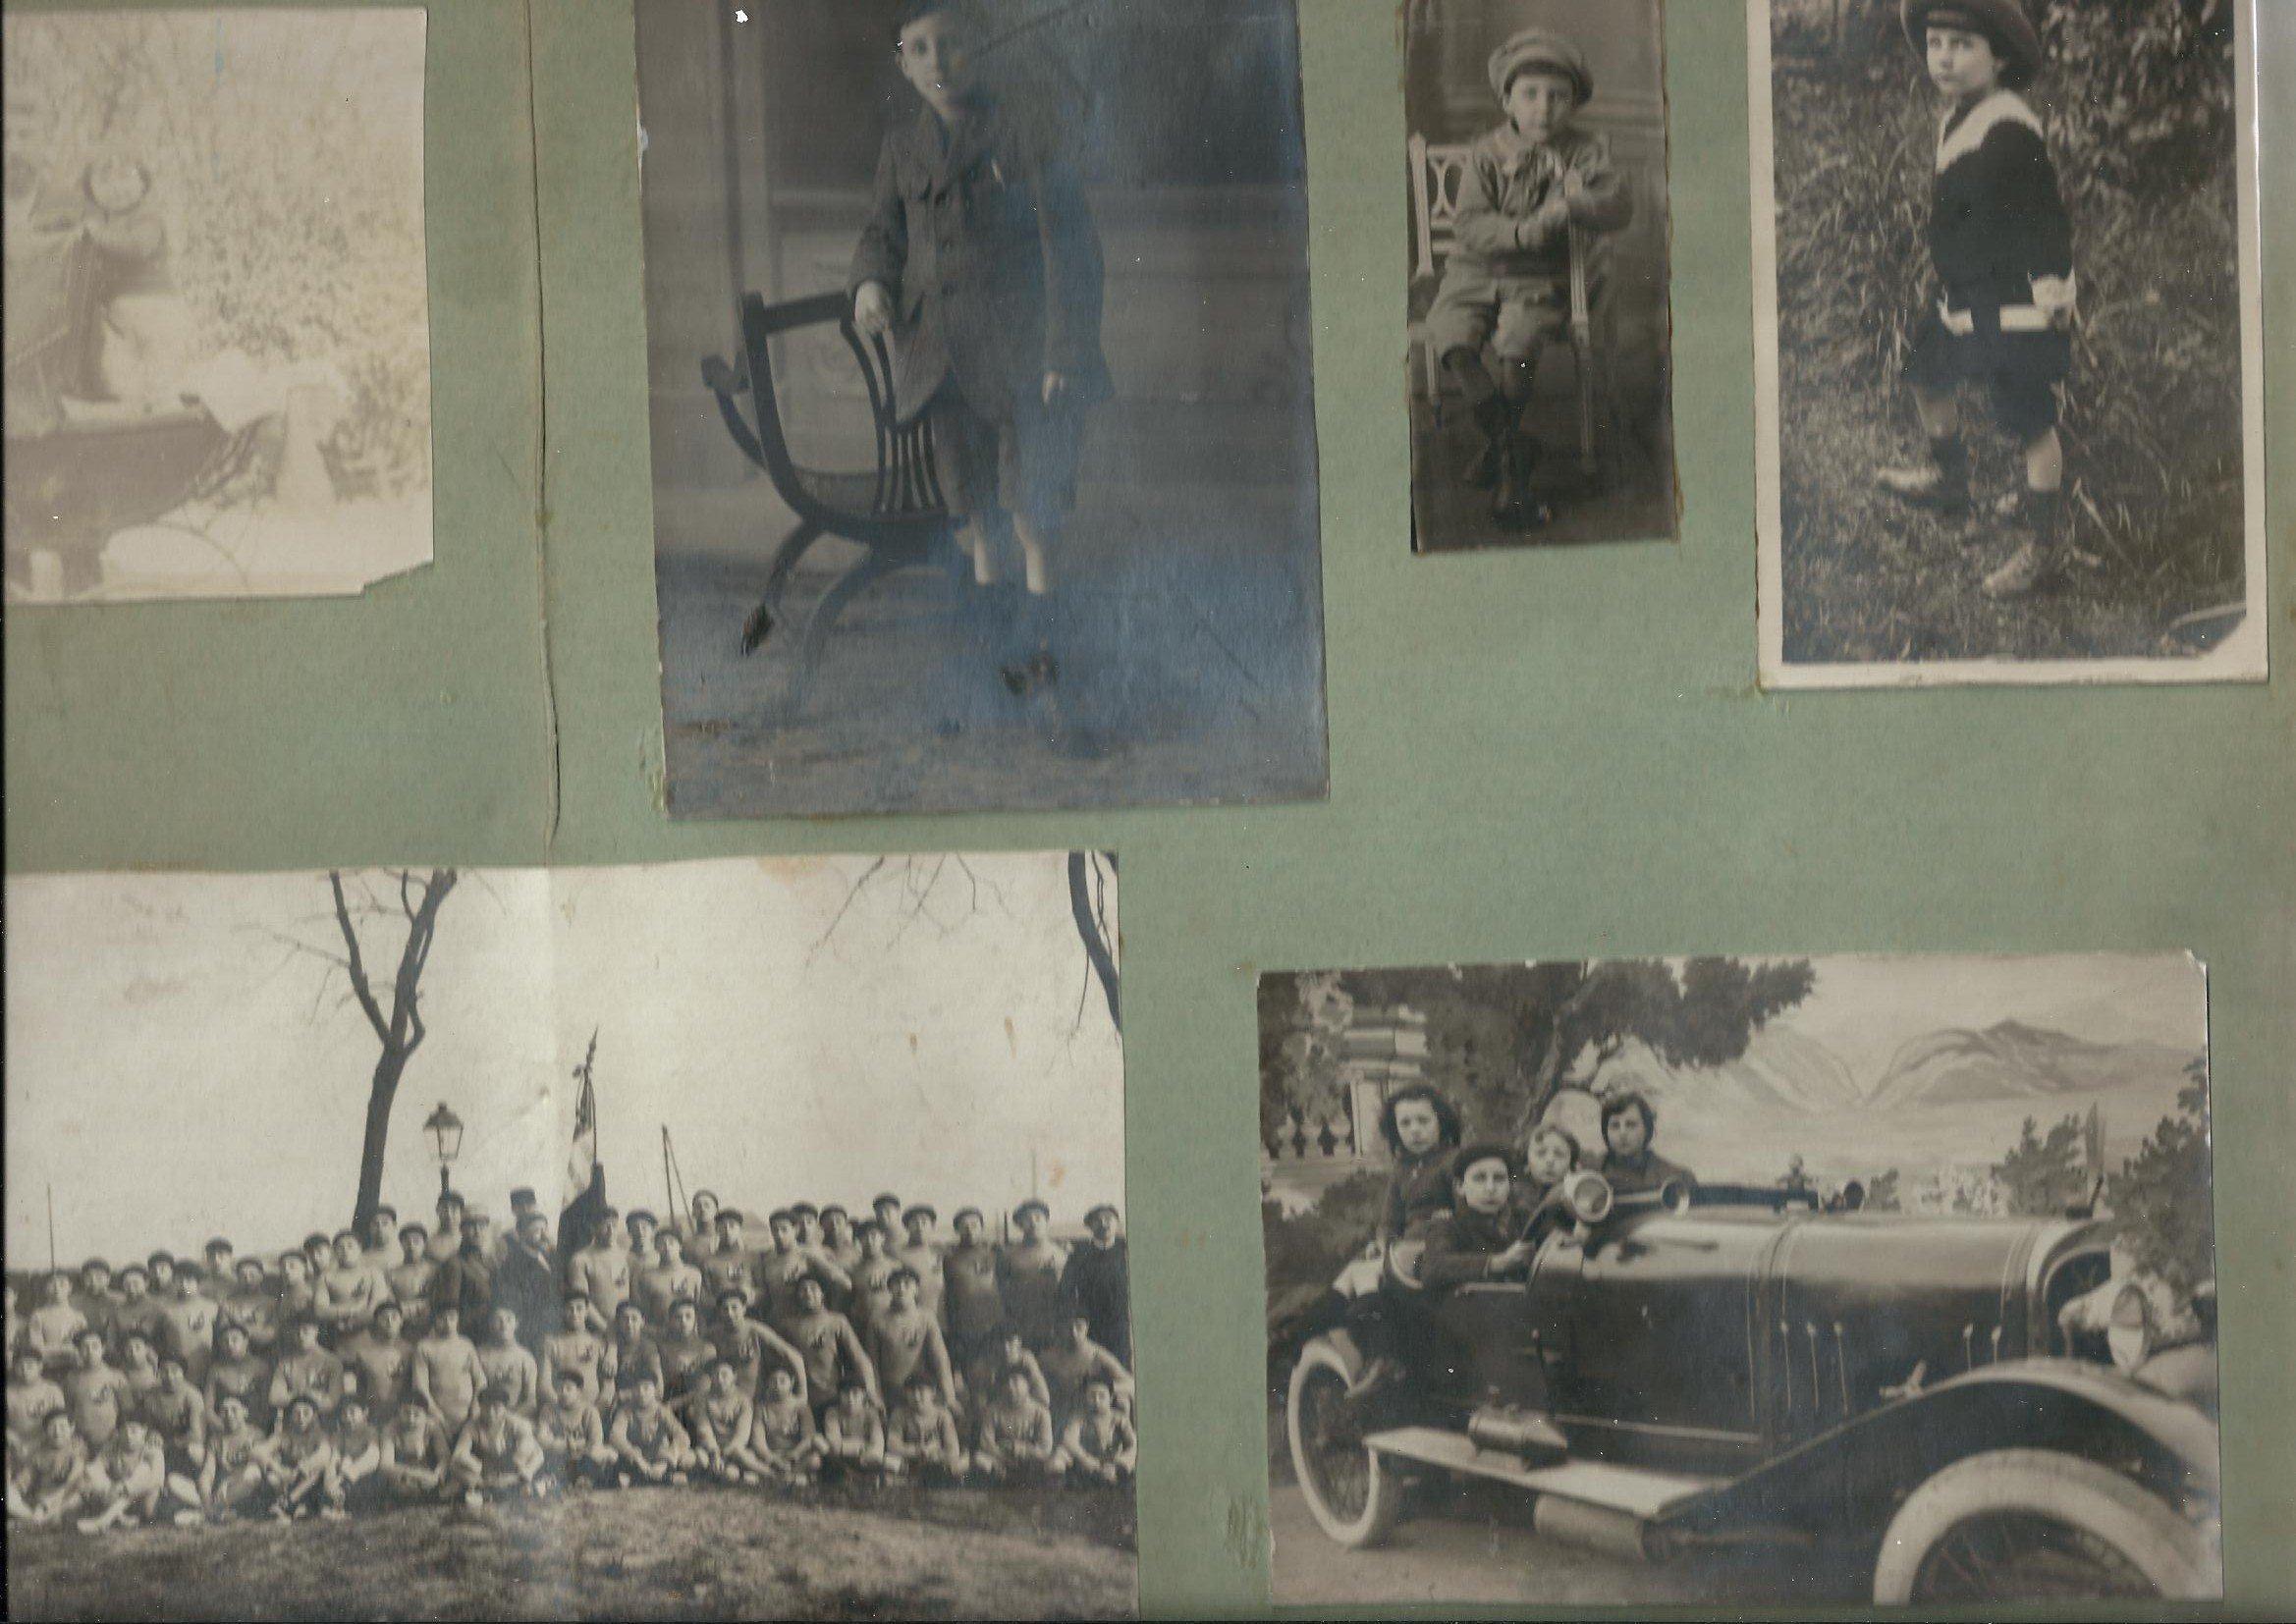 Planche de Photos ou autres du Comédien Ameline Régisseur de la Scène et Administrateur de la Cigale